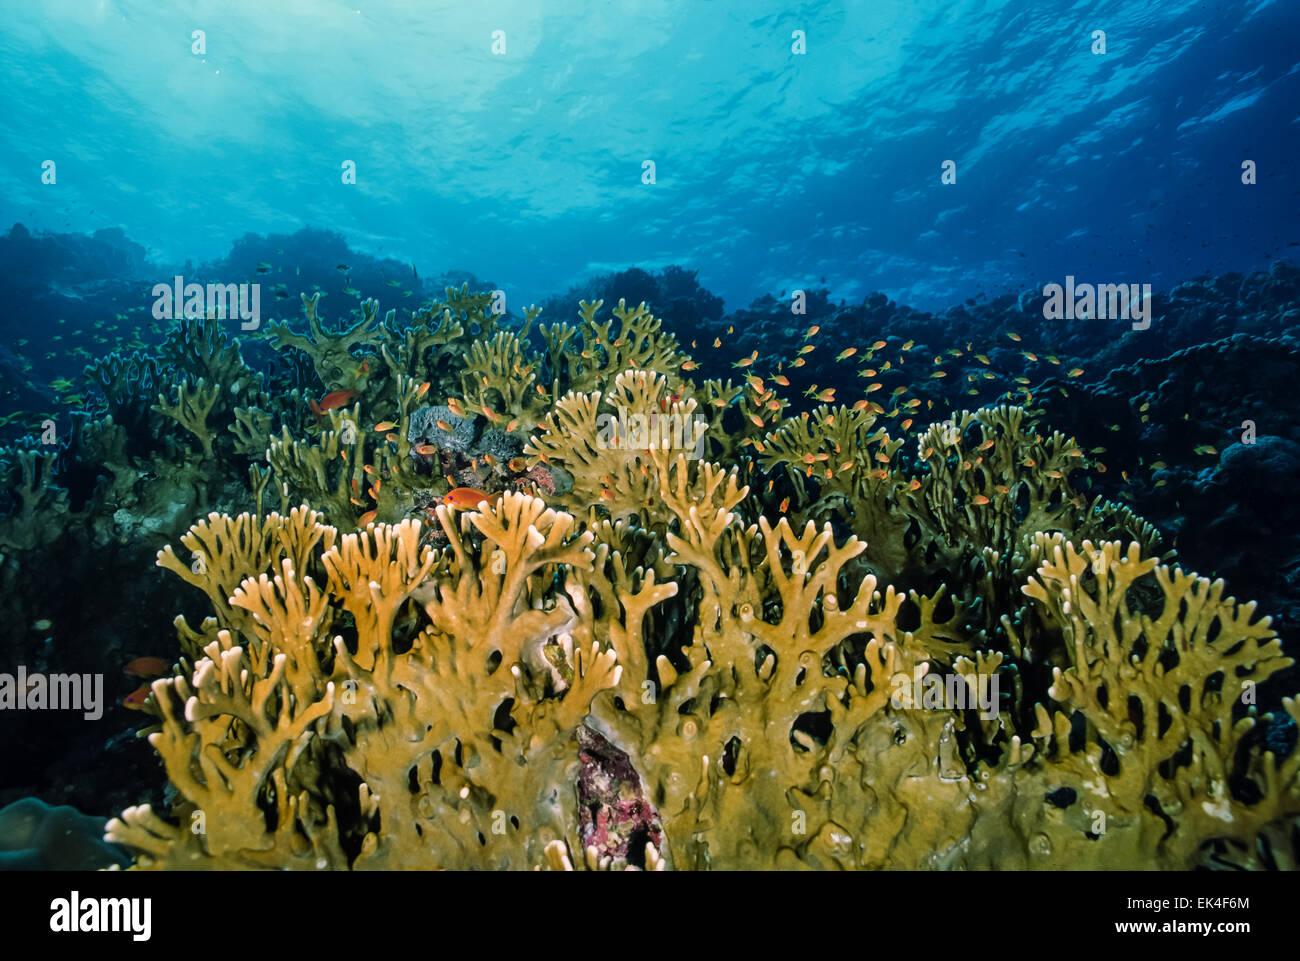 SUDAN, Red Sea, U.W. photo, fire corals (Millepora complanata) - Stock Image